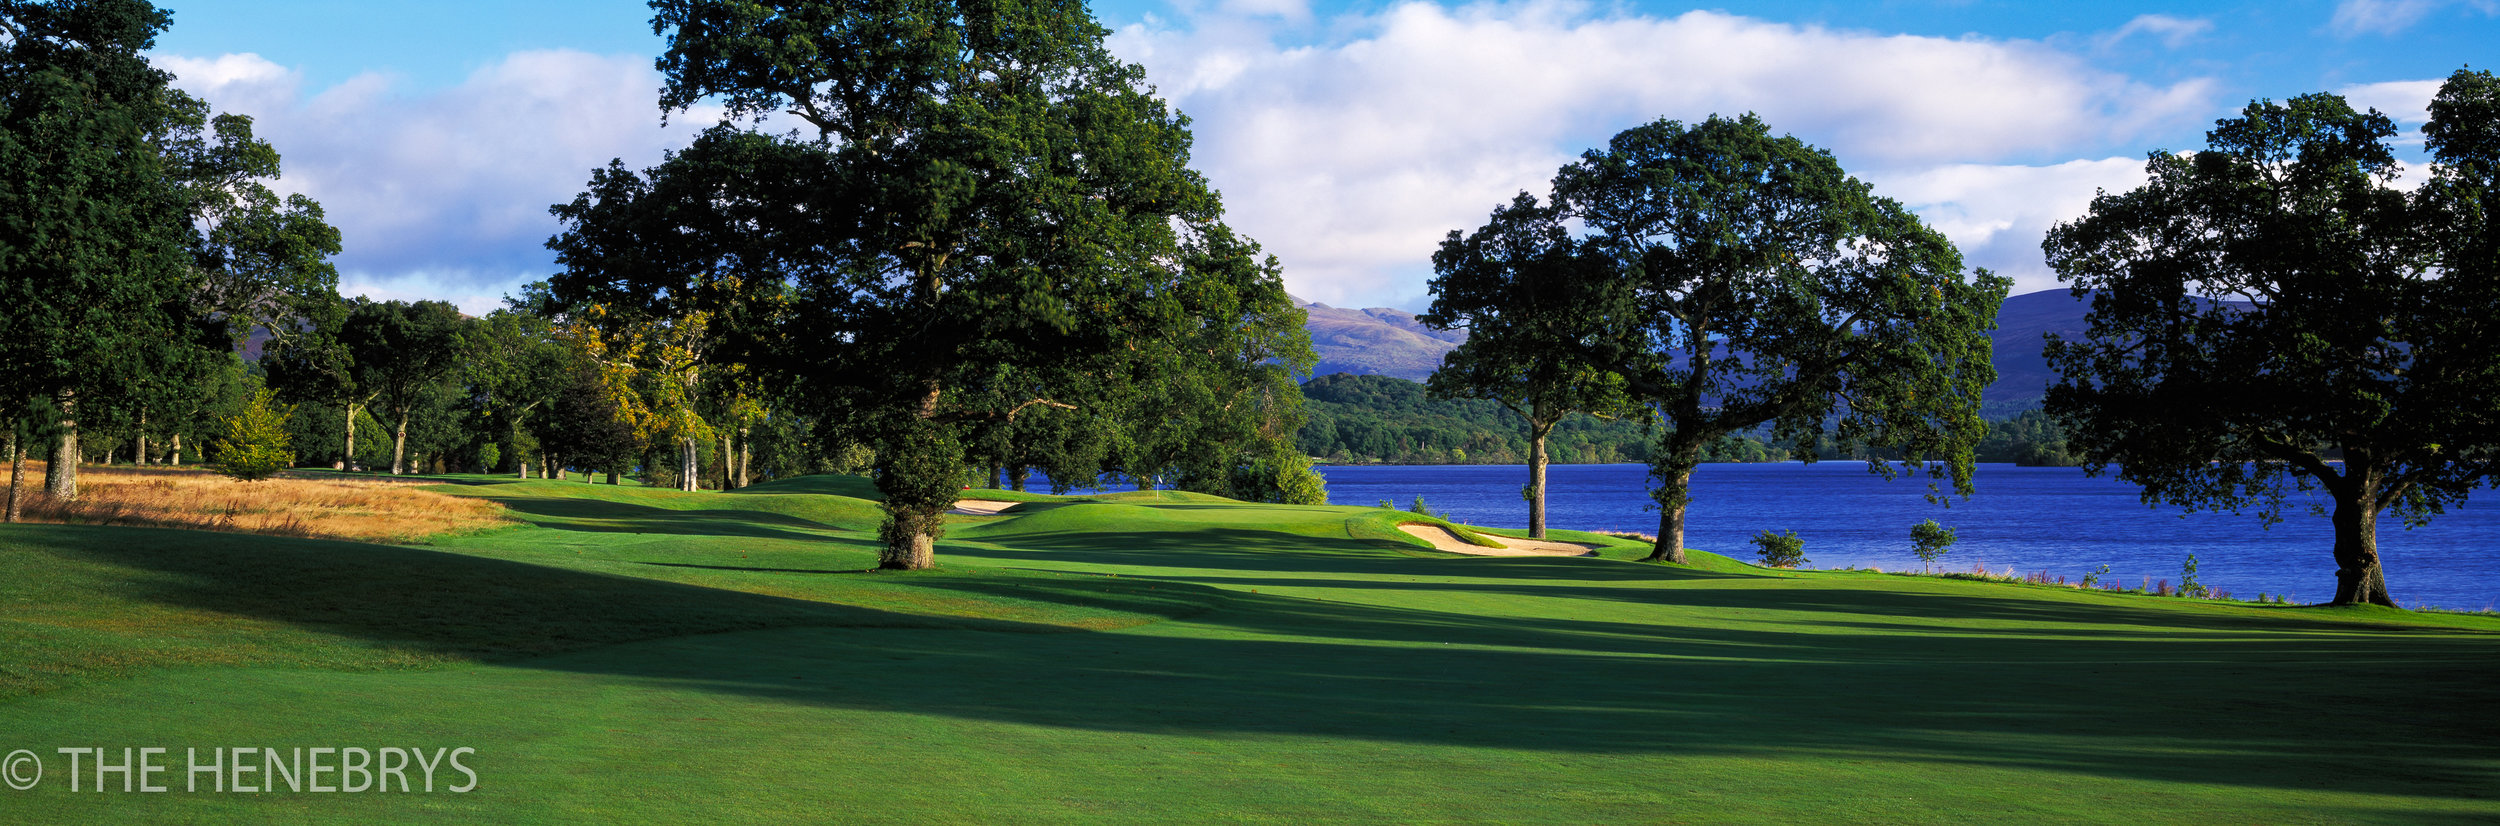 Loch Lomand Golf Club #06, Luss, Scotland